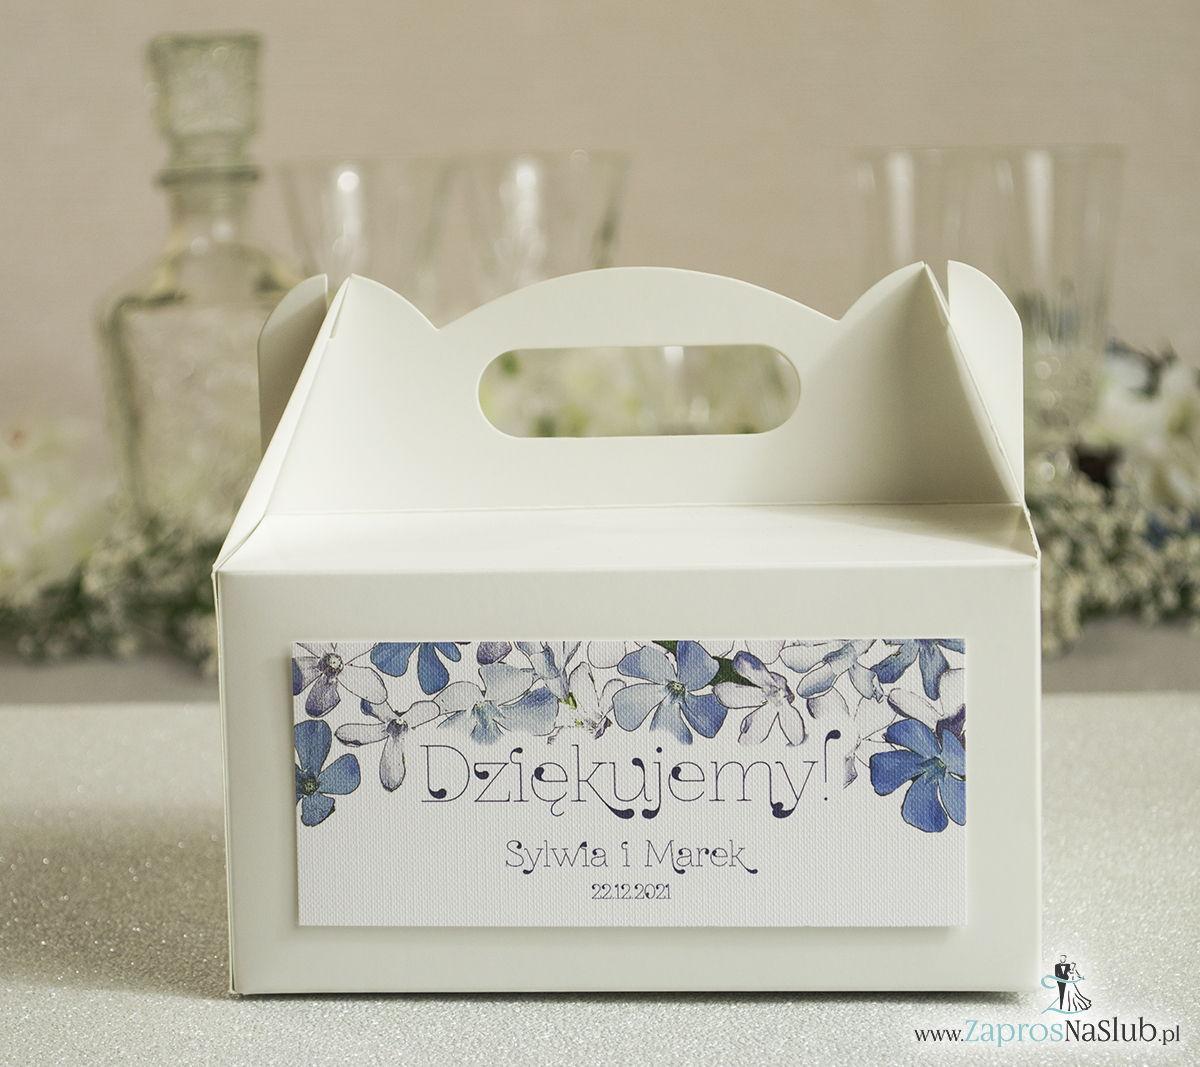 Kwiatowe pudełka na ciasta - podziękowania dla gości w formie pudełek na ciasto z motywem niebiesko-białych kwiatów